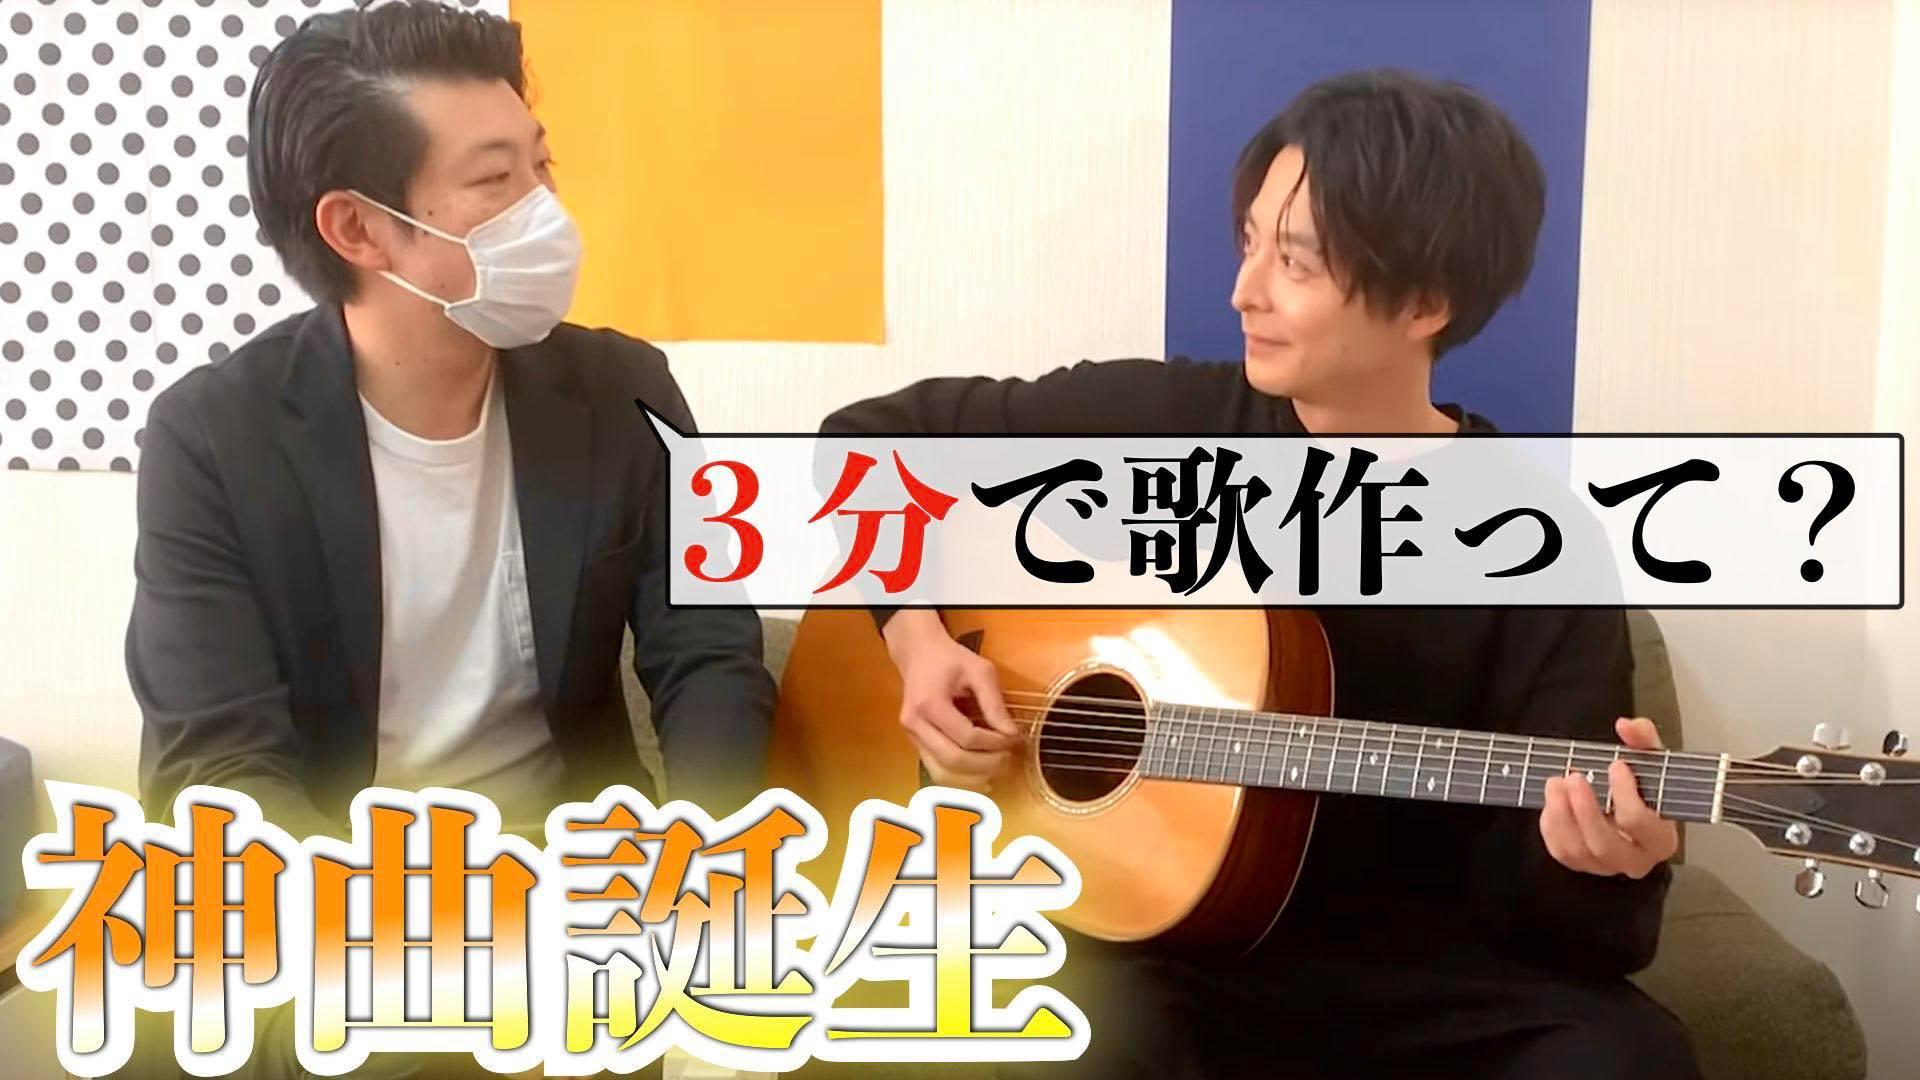 小池徹平さんのYouTubeチャンネル『小池さん家の「てっちゃんねる」とコラボ!「パーフェクトニードル」の愛称「パニパニ」を作って頂きました!